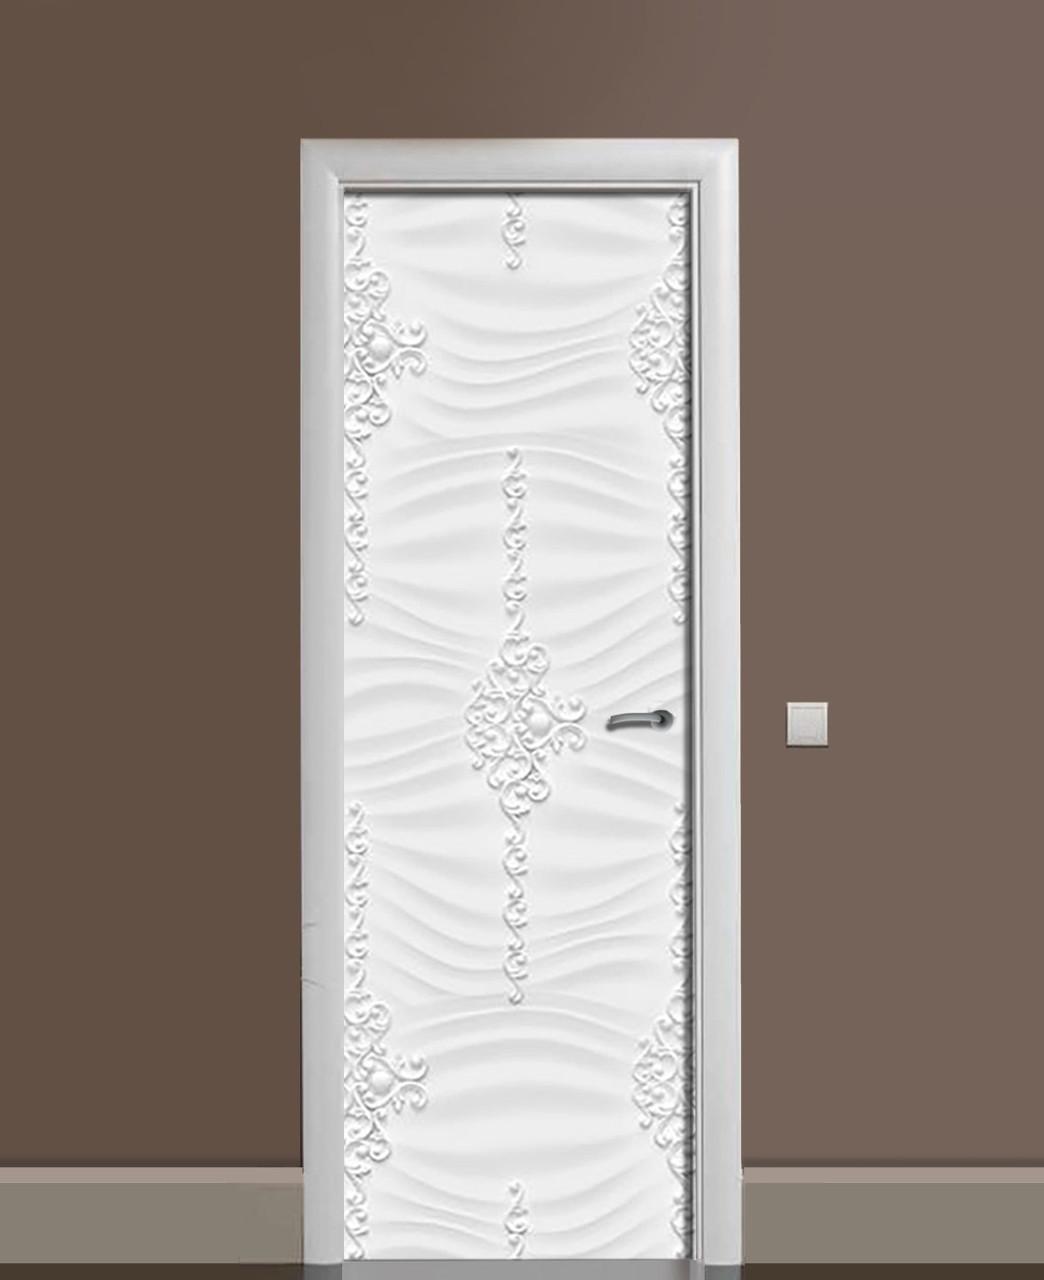 Вінілова наклейка на двері Гіпсові вензелі ПВХ плівка з ламінуванням 65*200см Текстура Сірий